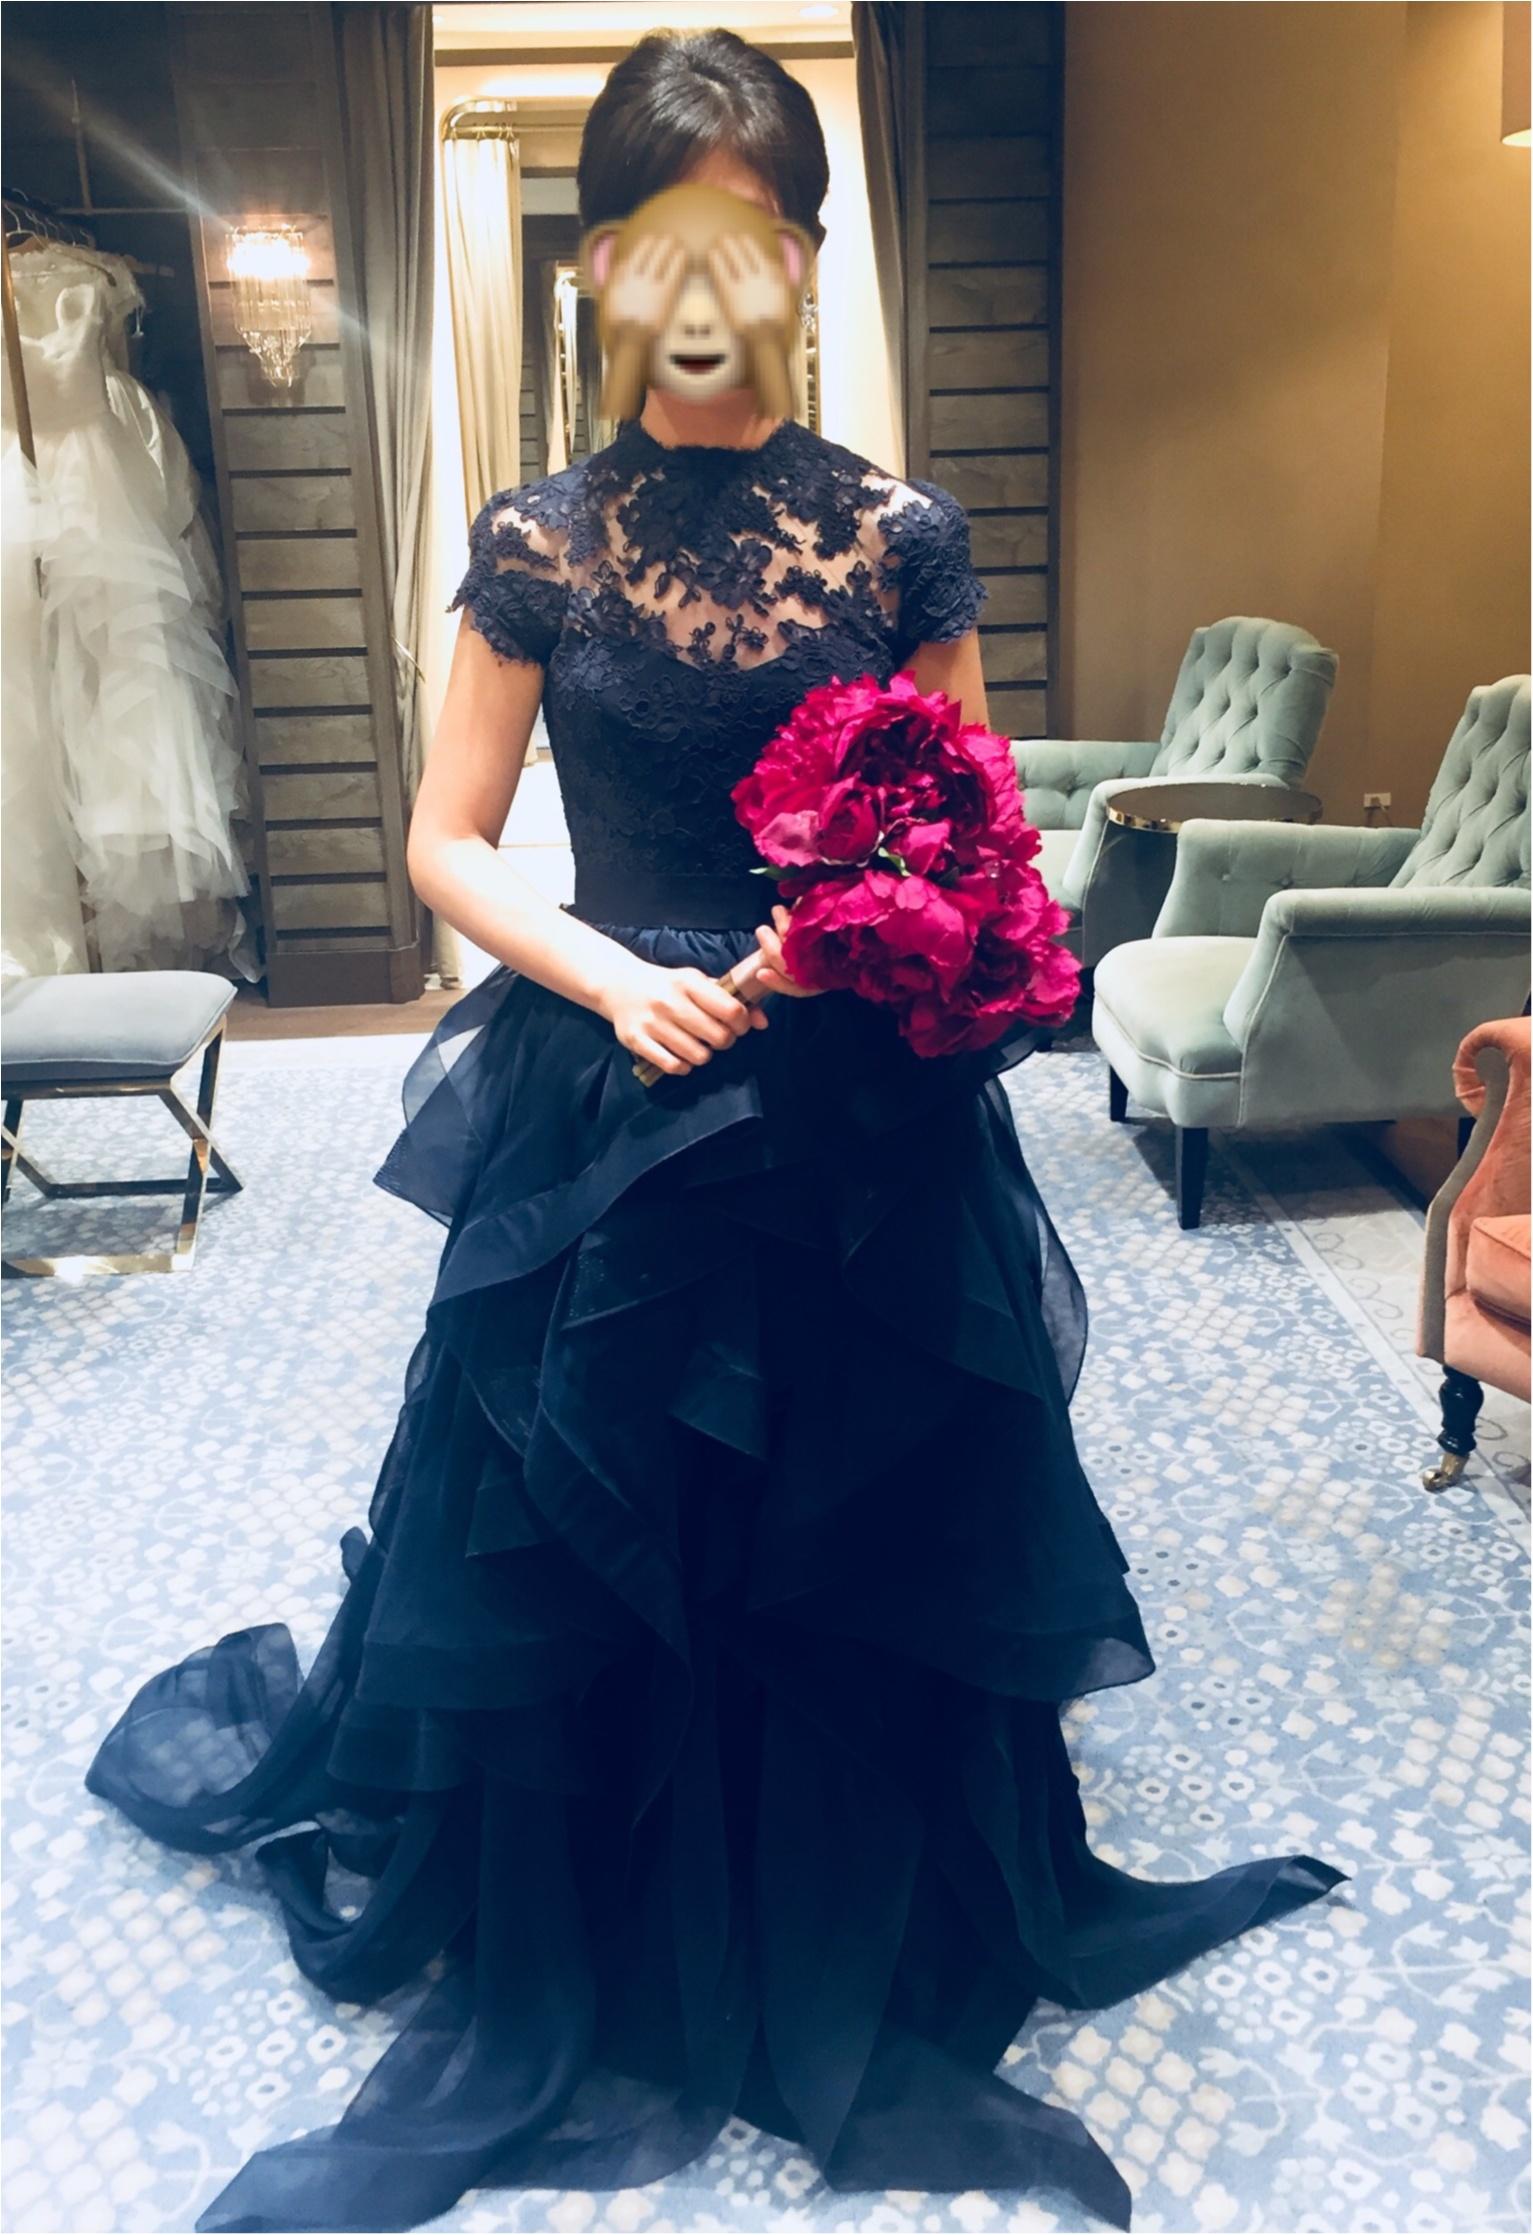 【#ドレス迷子】weddingドレス、実際に着てみました✧asuの運命の1着に巡り合うまでのドレス試着レポート③_4